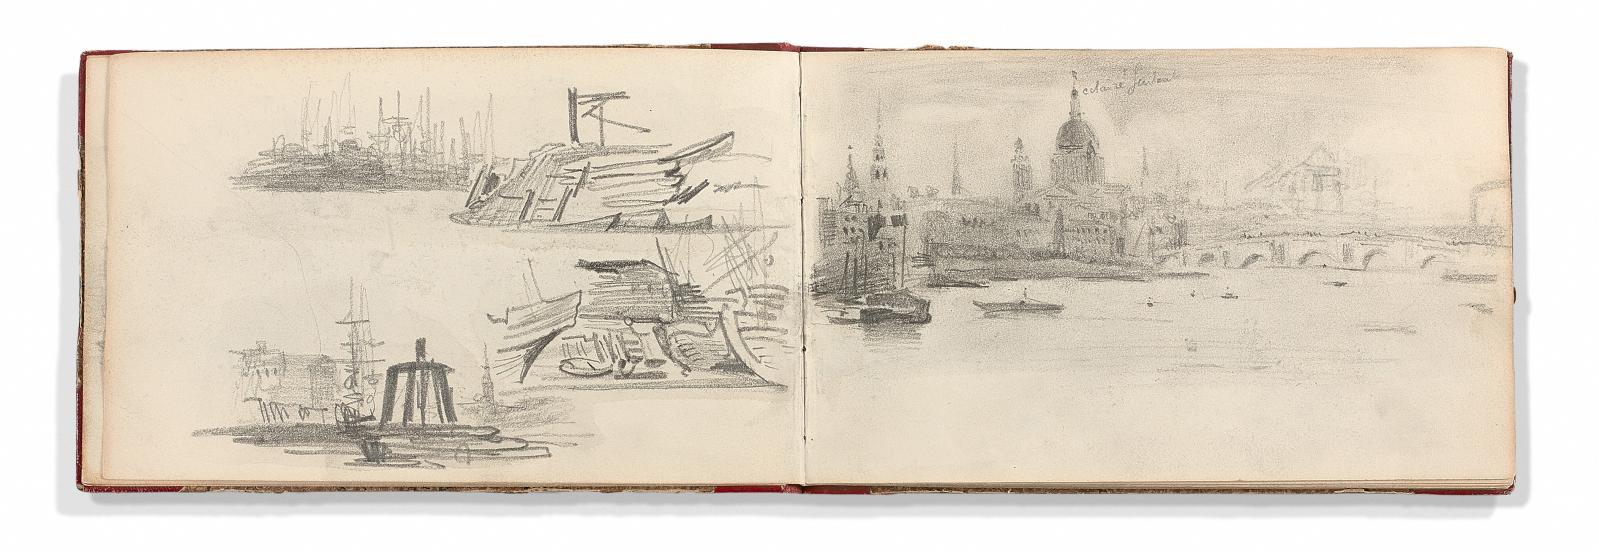 Eugène Delacroix(1798-1863), Album d'Angleterre: vues de Londres, de la Tamise, de Greenwich, études d'après les frises du Parthénon, ét